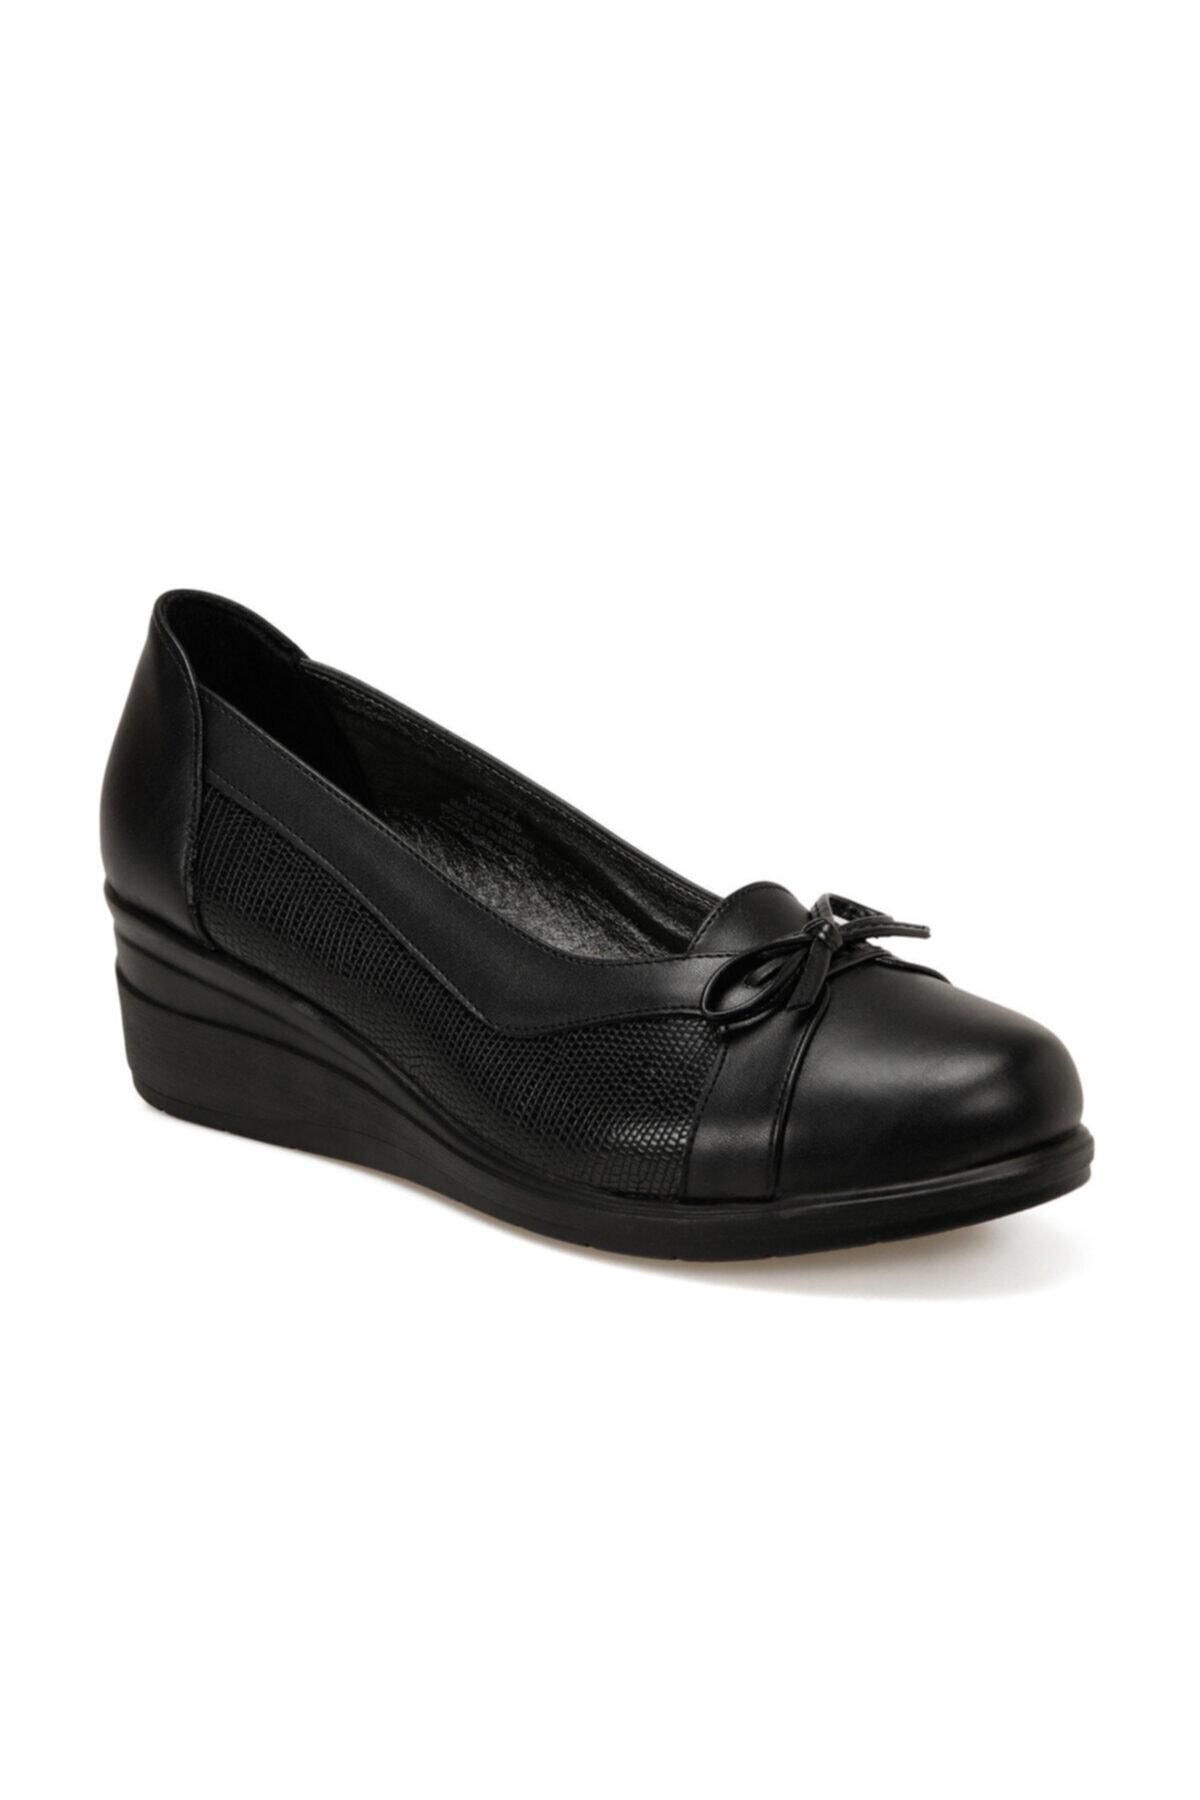 Polaris 161387.Z Siyah Kadın Comfort Ayakkabı 100548485 1